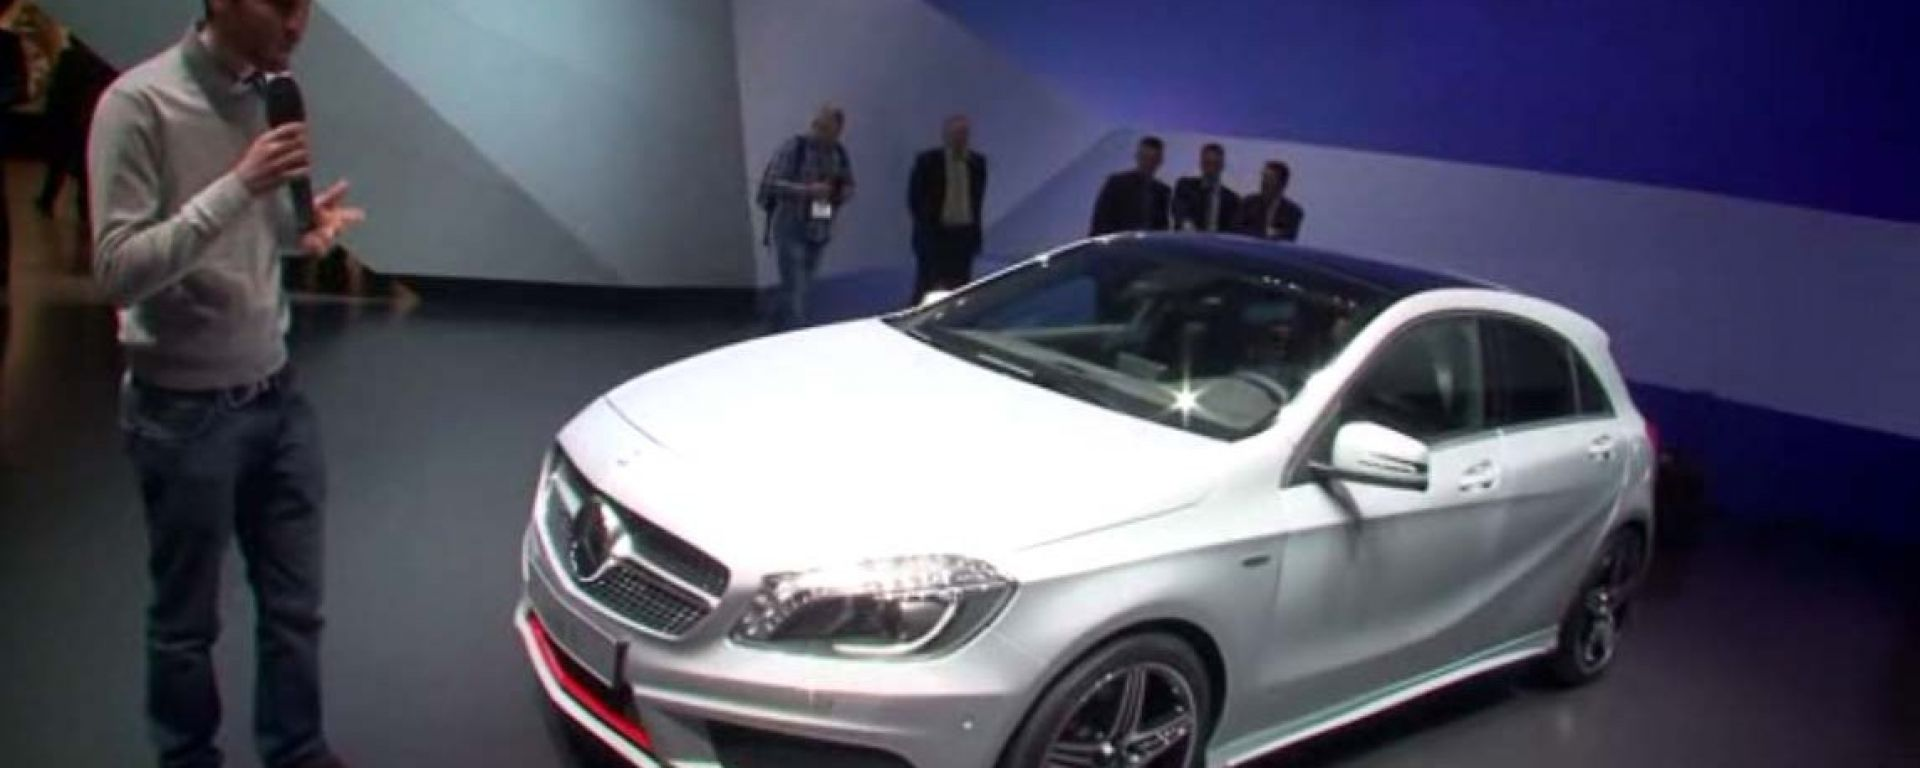 Salone di Ginevra 2012: Mercedes